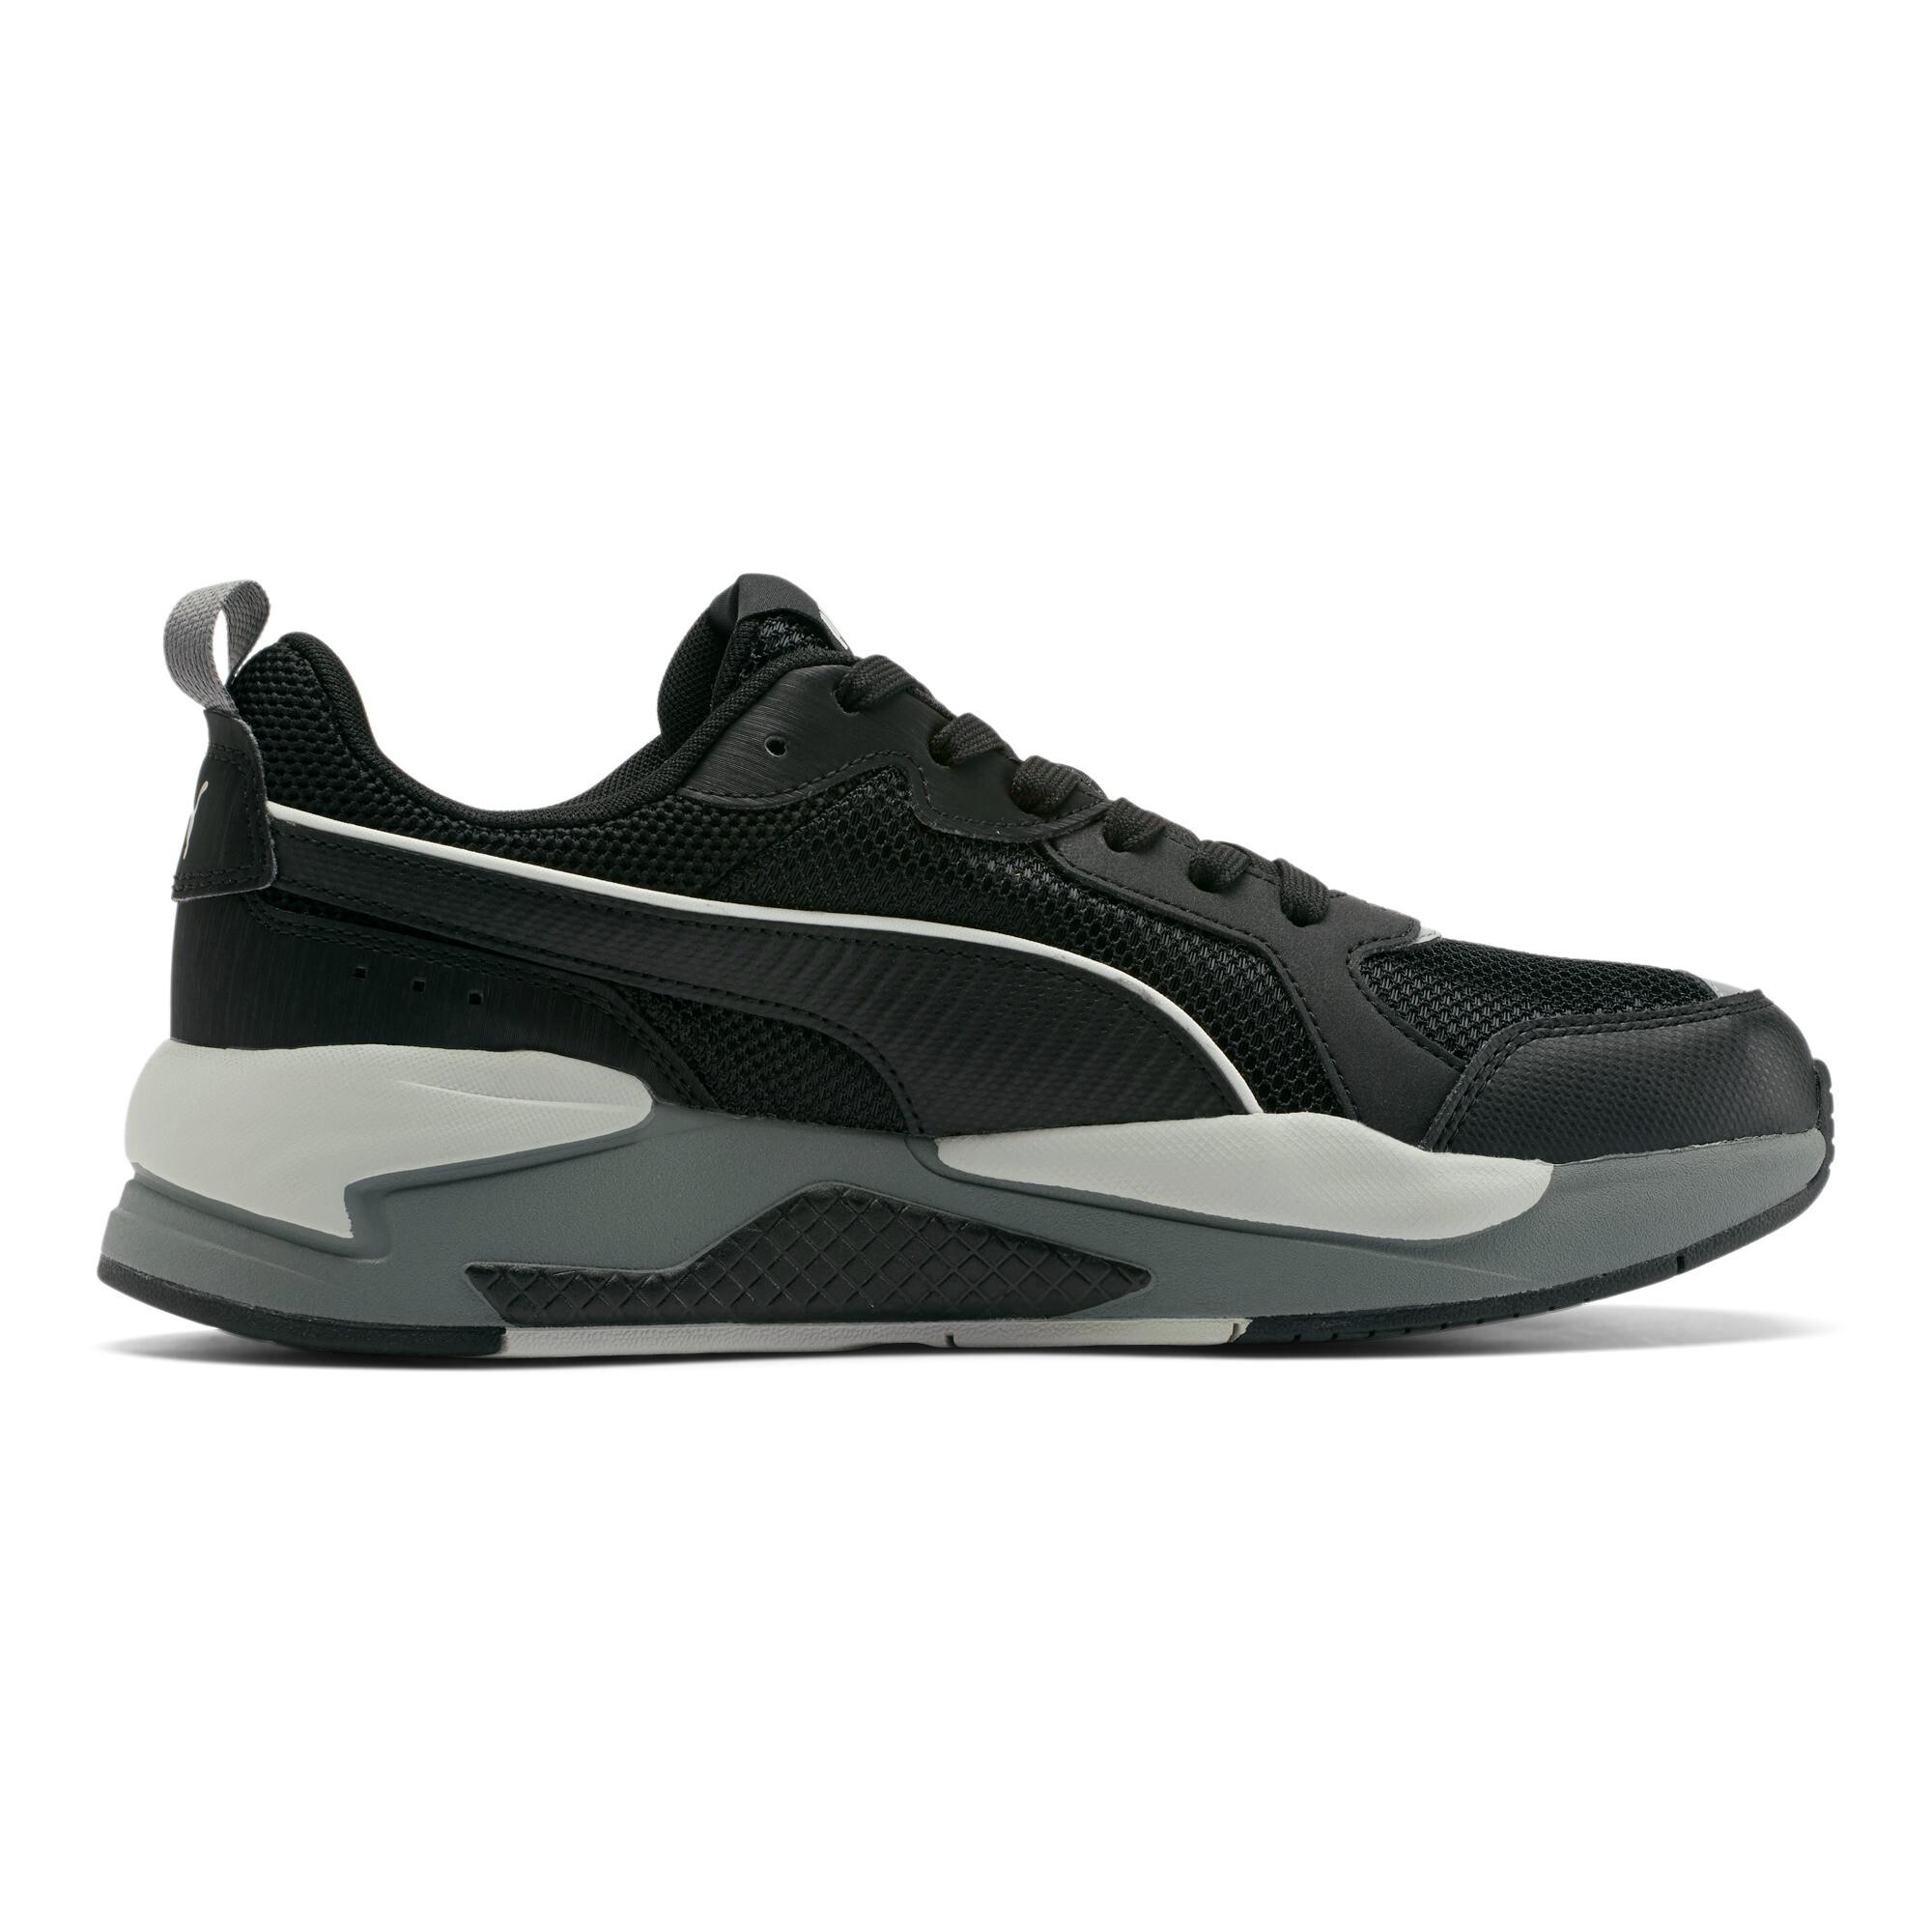 PUMA-X-RAY-Mesh-Men-039-s-Sneakers-Men-Shoe-Basics thumbnail 6